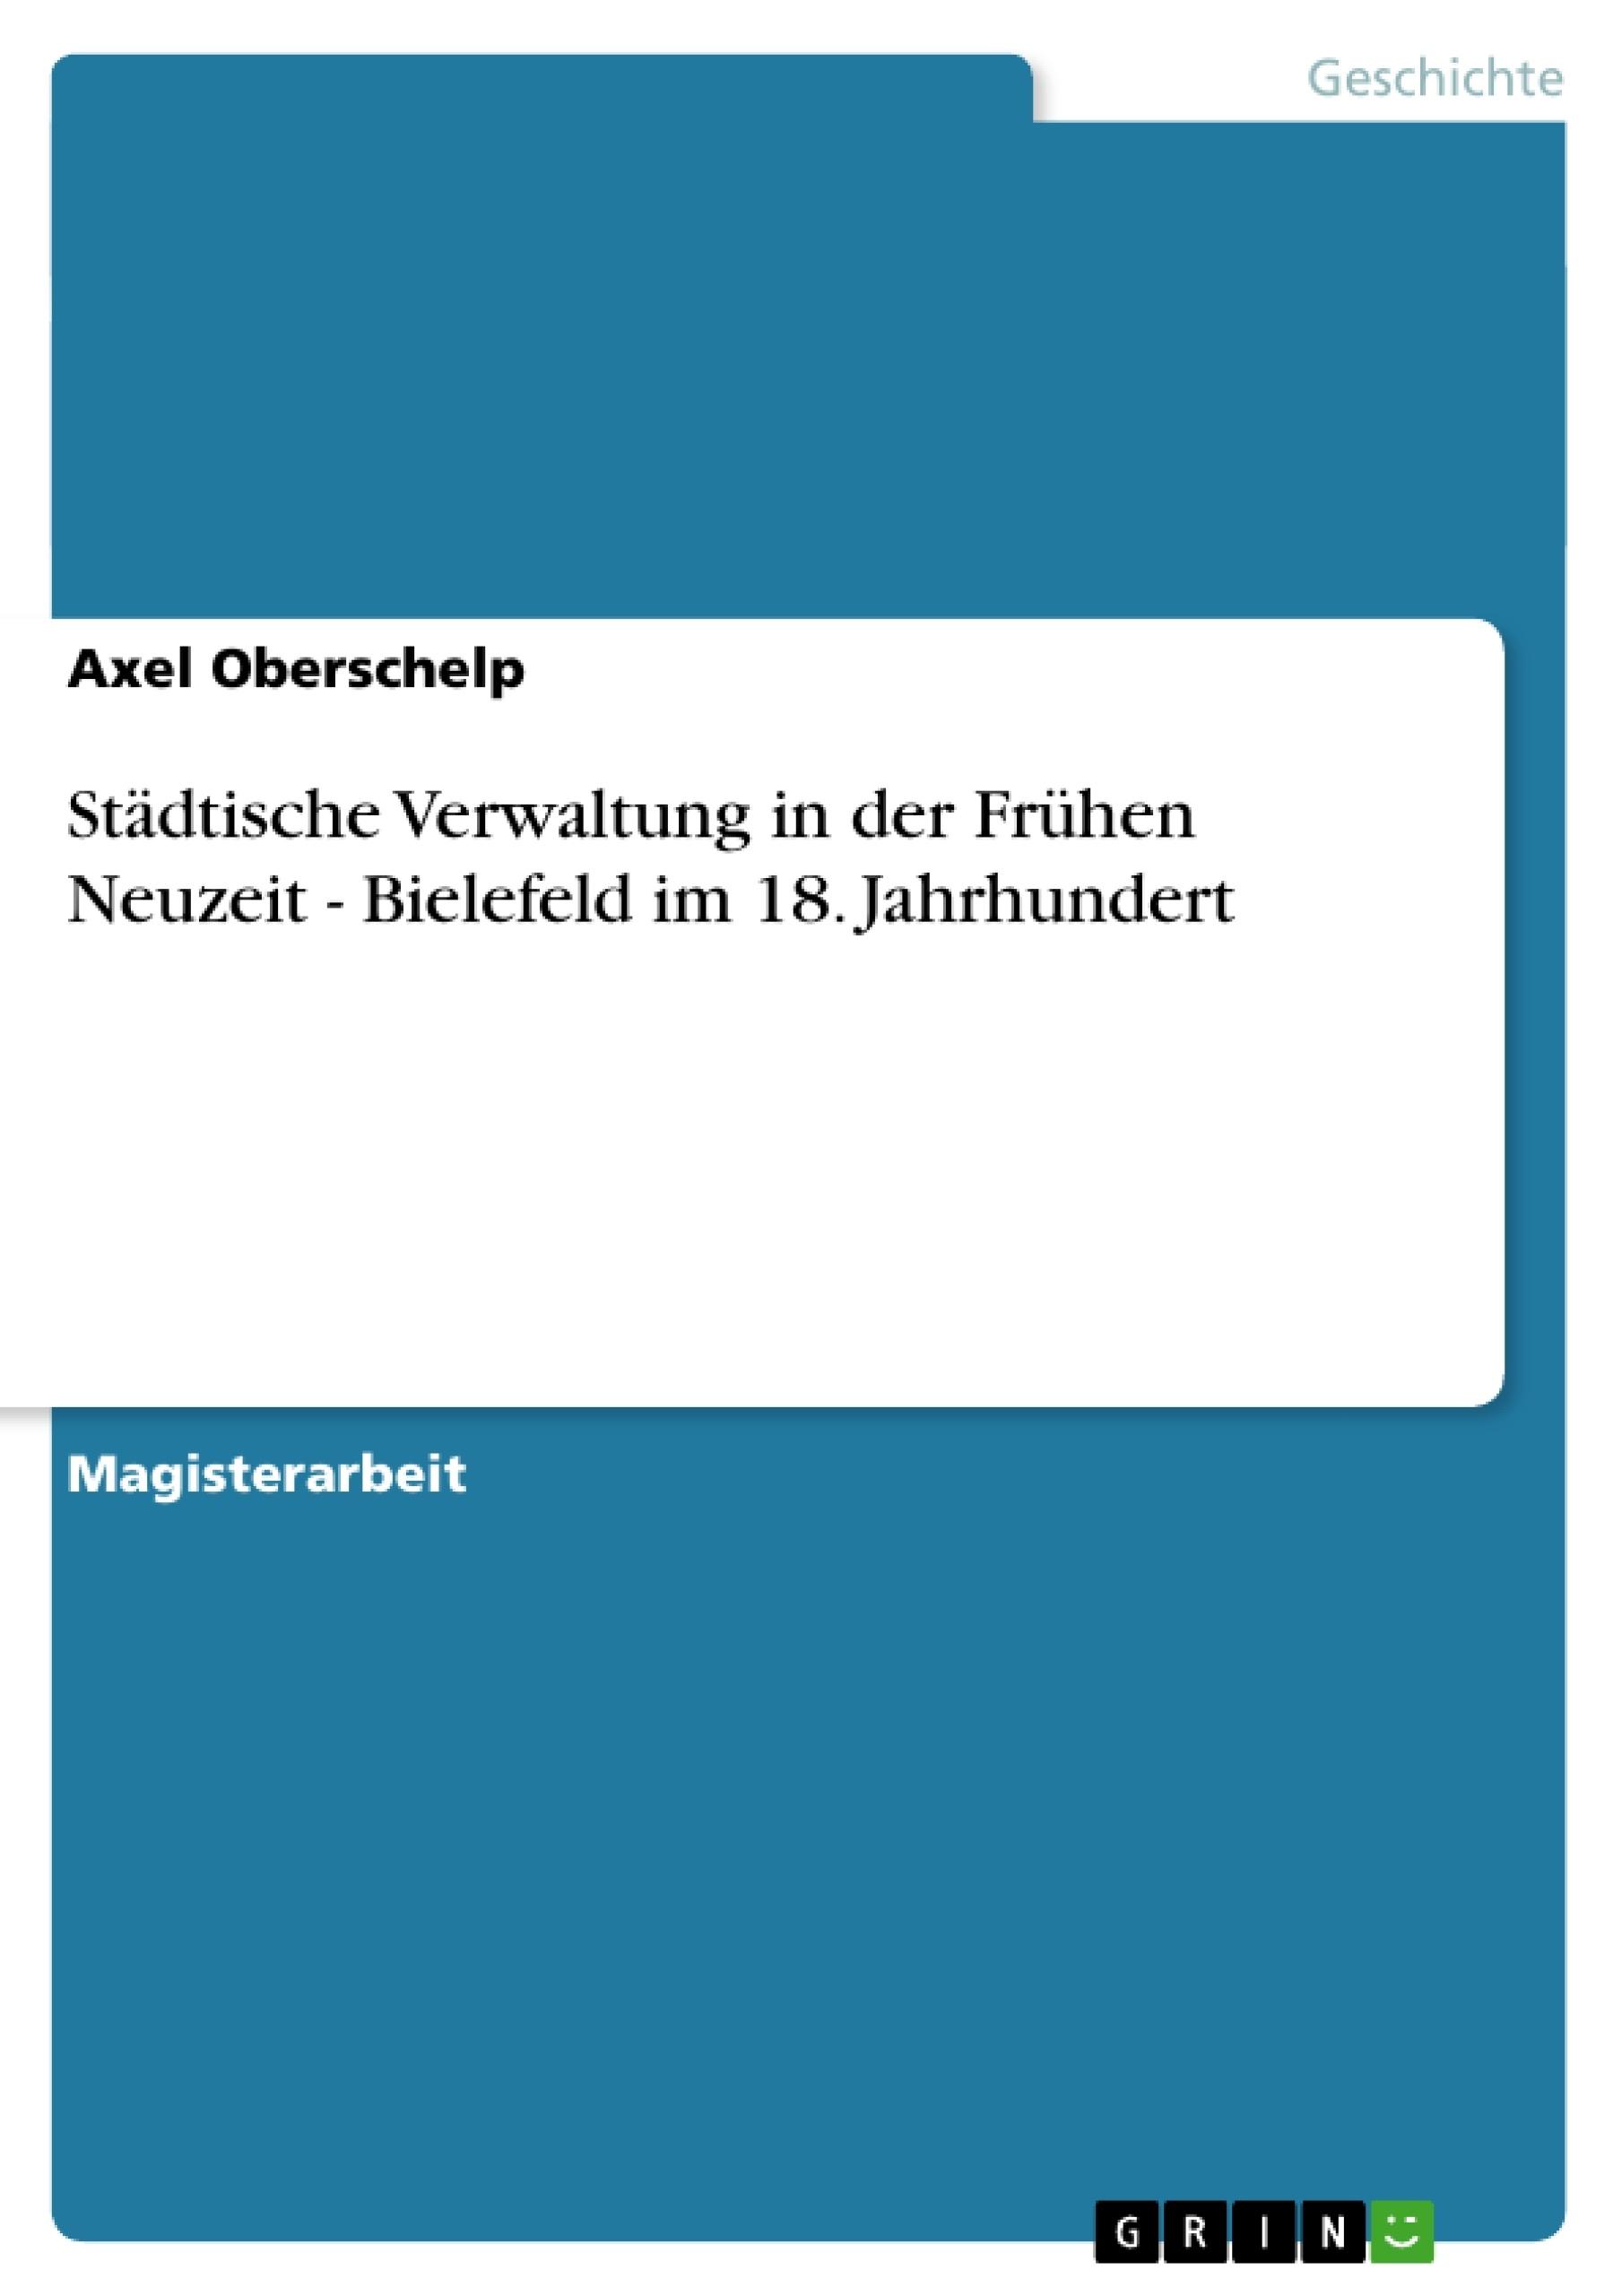 Titel: Städtische Verwaltung in der Frühen Neuzeit - Bielefeld im 18. Jahrhundert